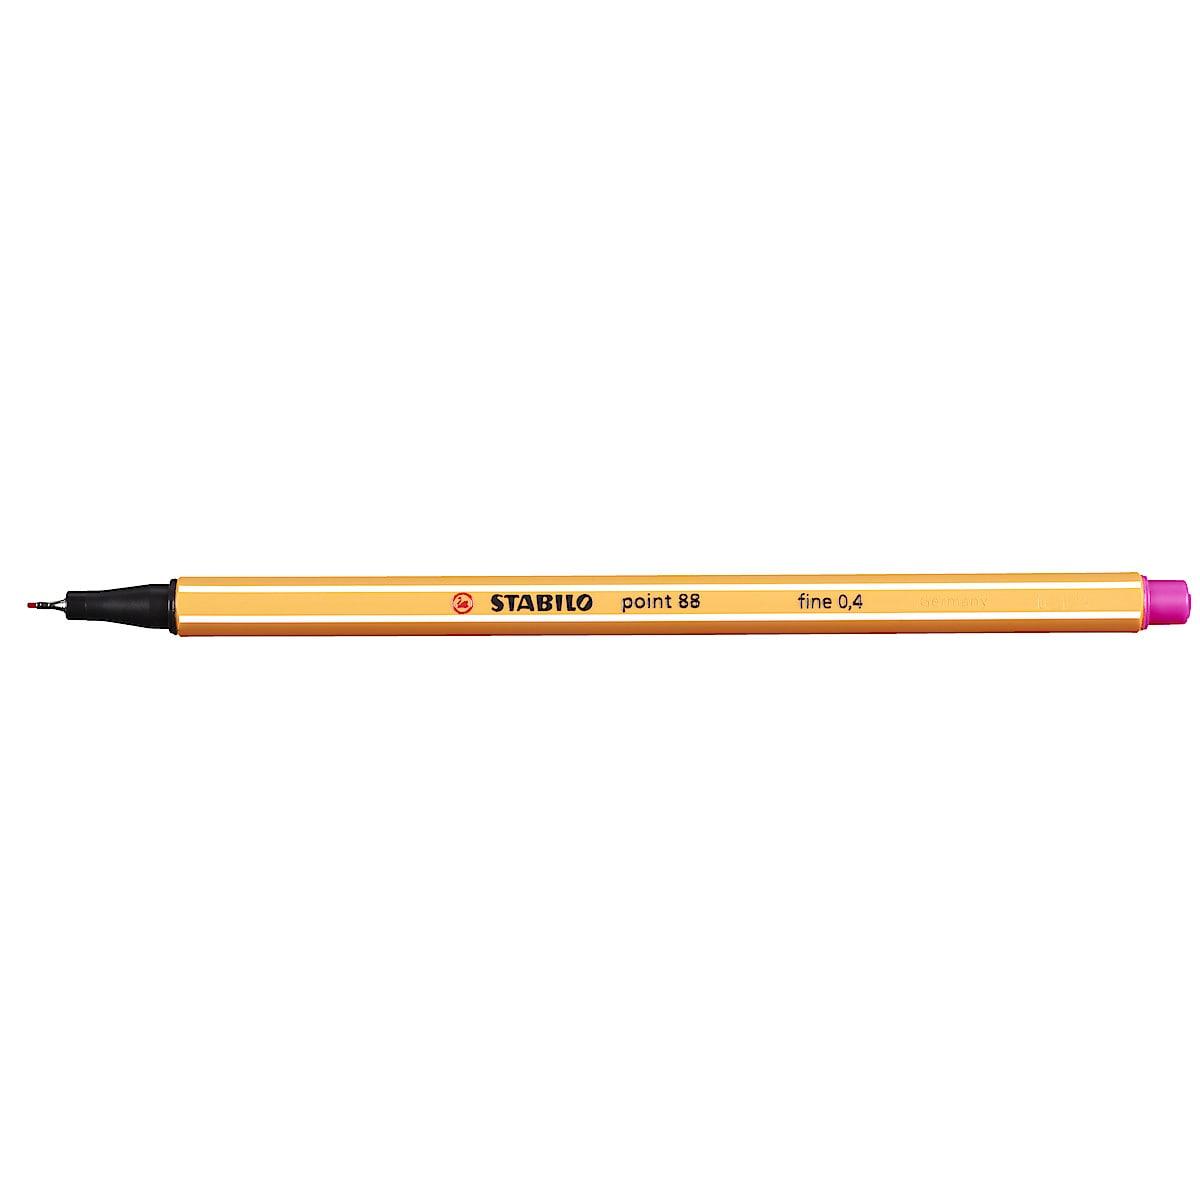 Stabilo Point 88 Fineliner Pen Set